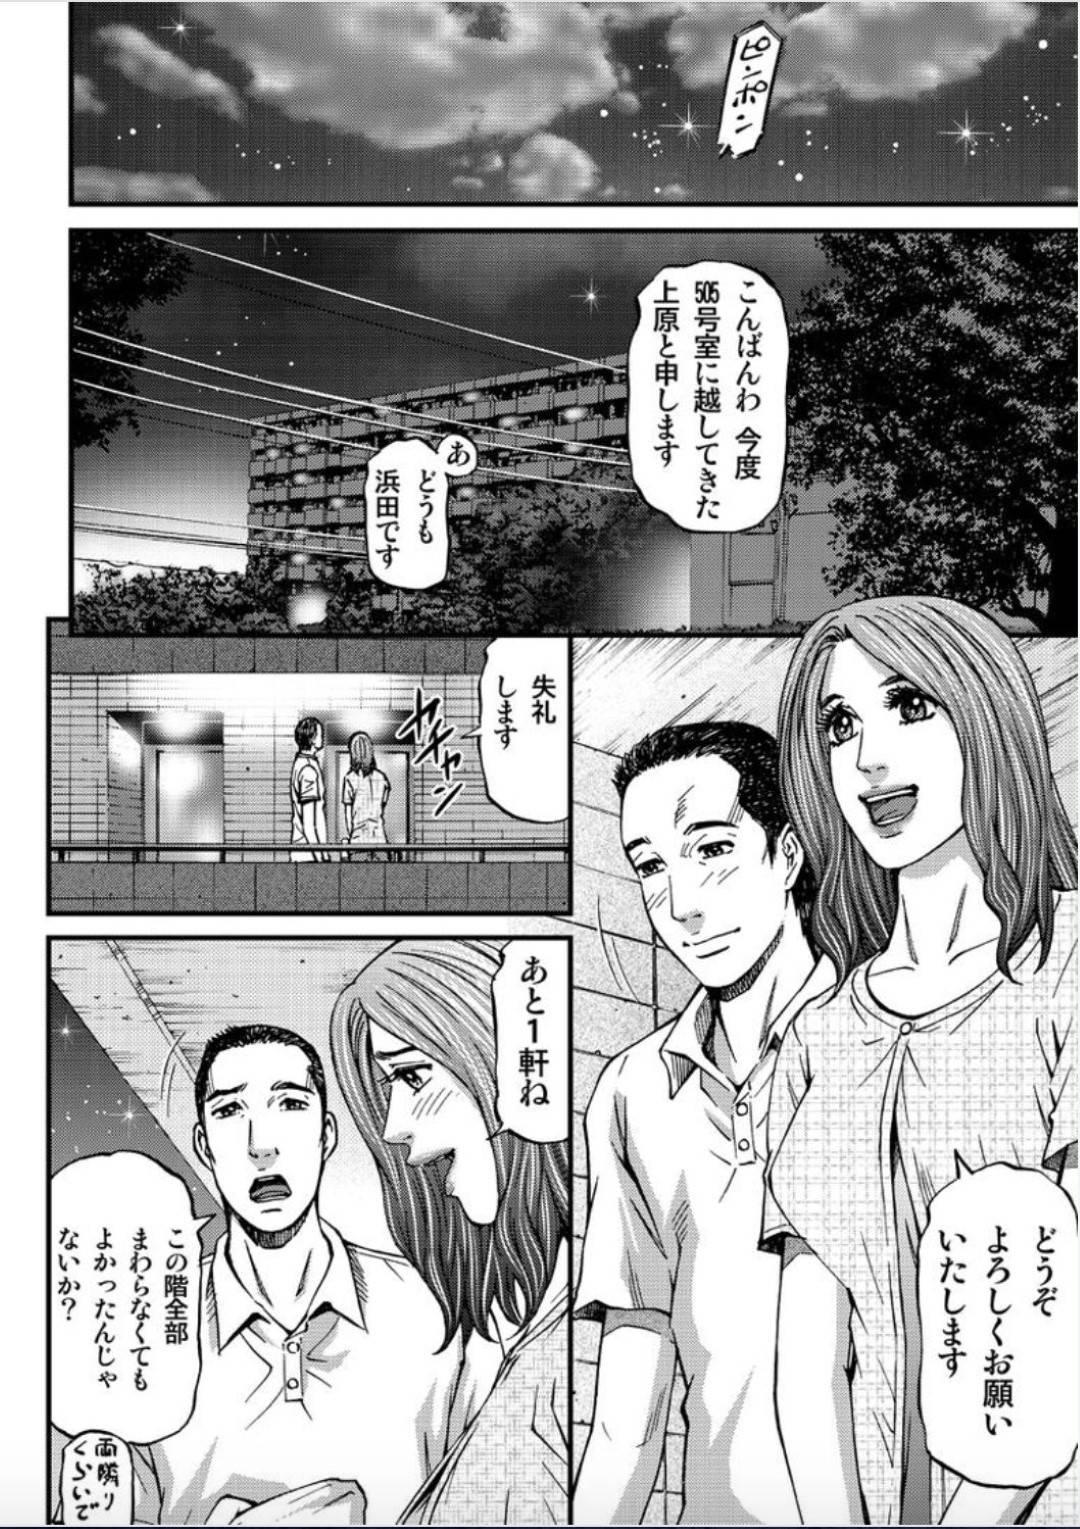 【エロ漫画】夫婦で団地に引っ越してきた人妻は同じ階に住んでいる元カレに再会しイチャラブ不倫生ハメセックス